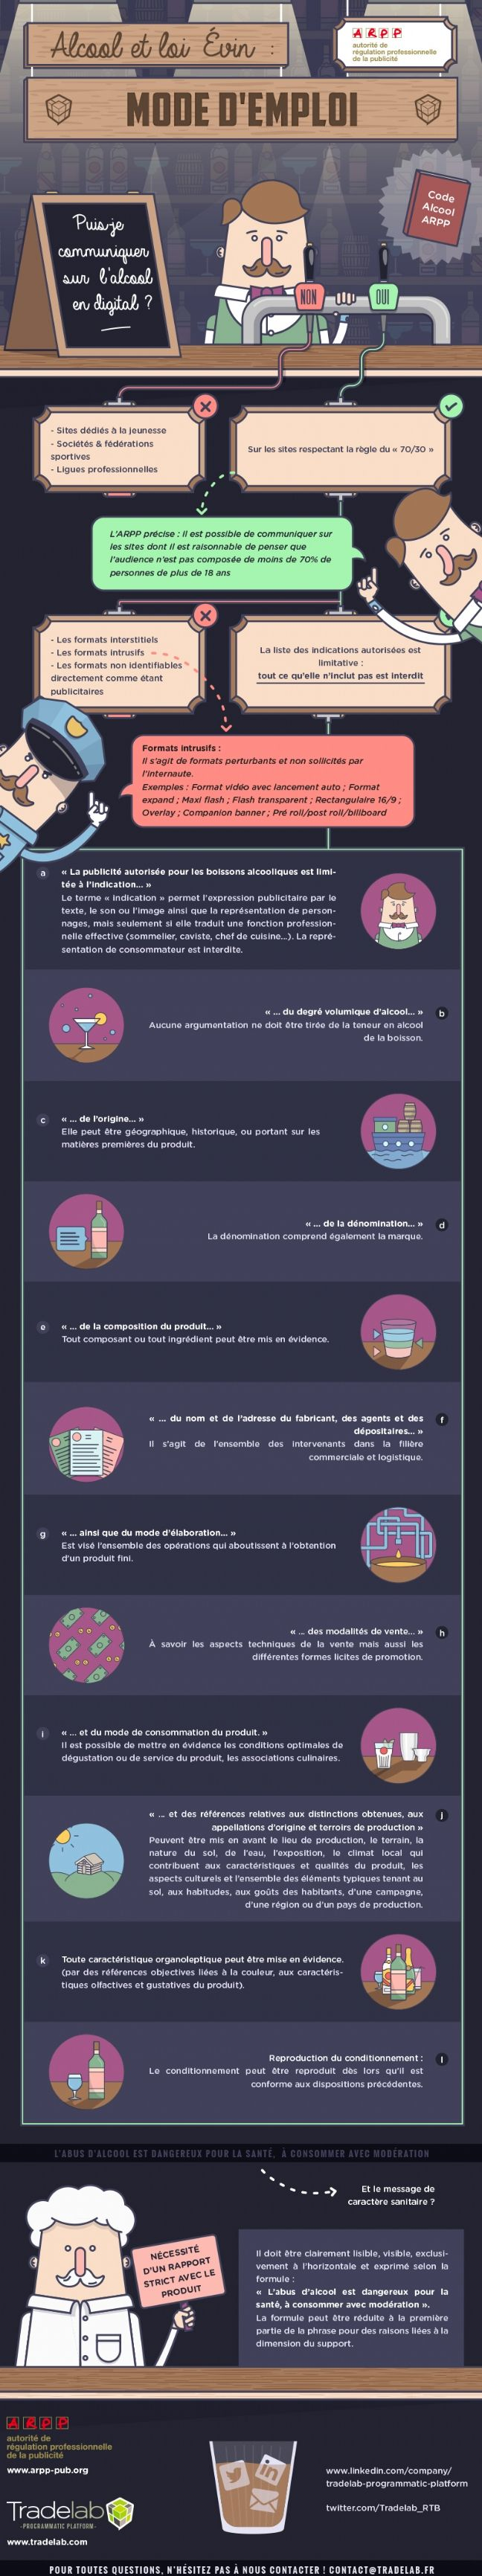 Dans le cadre de la loi Evin, quelles sont les pratiques publicitaires digitales autorisées pour les boissons alcoolisées ? L'ARPP répond sous forme d'infographie.